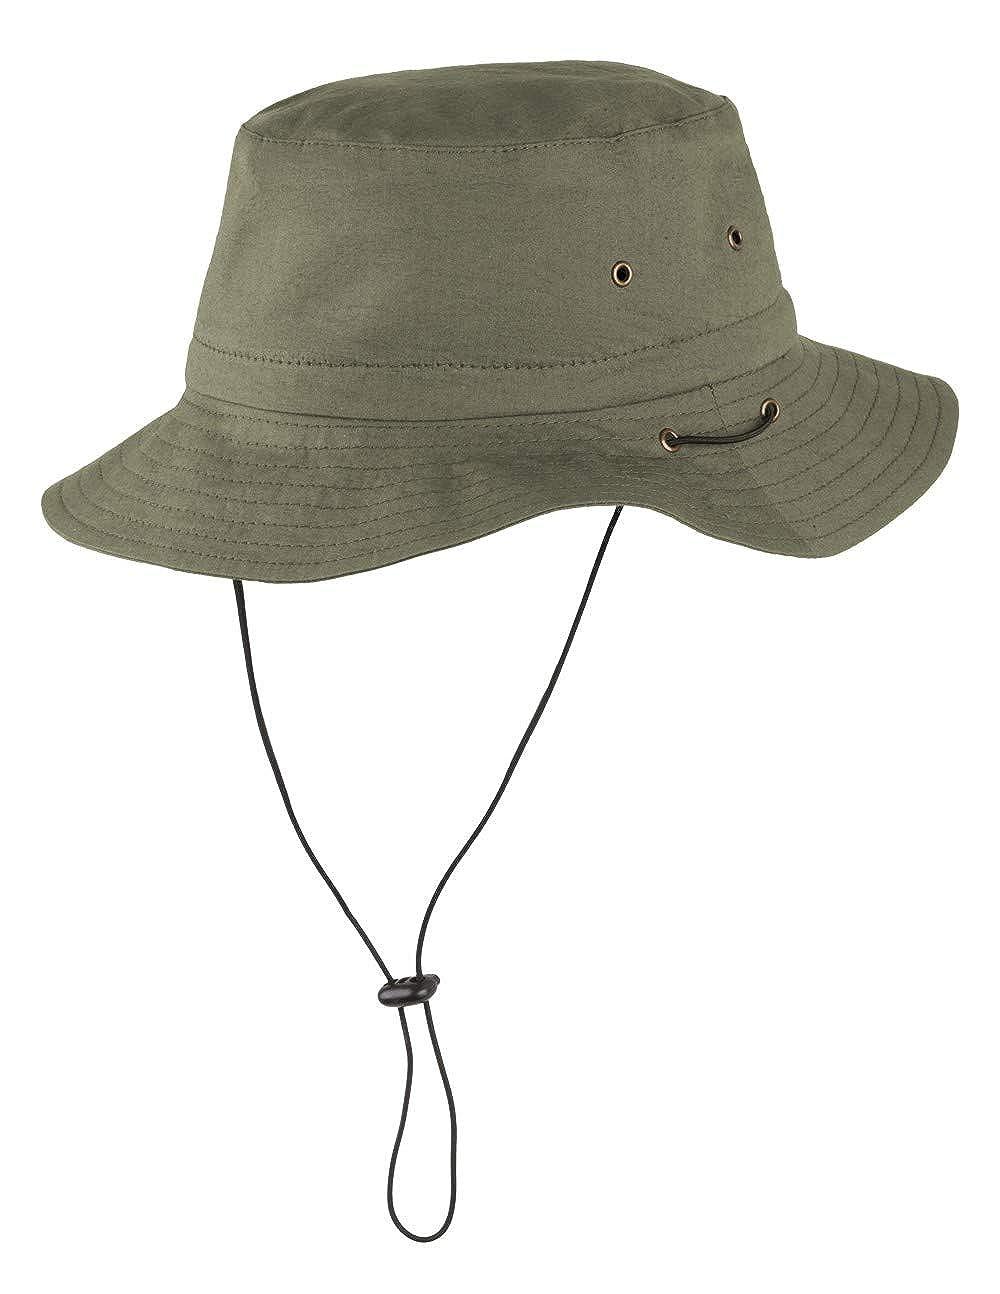 Dunkelbrauner Kängurulederhut aus angerauhtem Leder Hut Hüte Lederhut